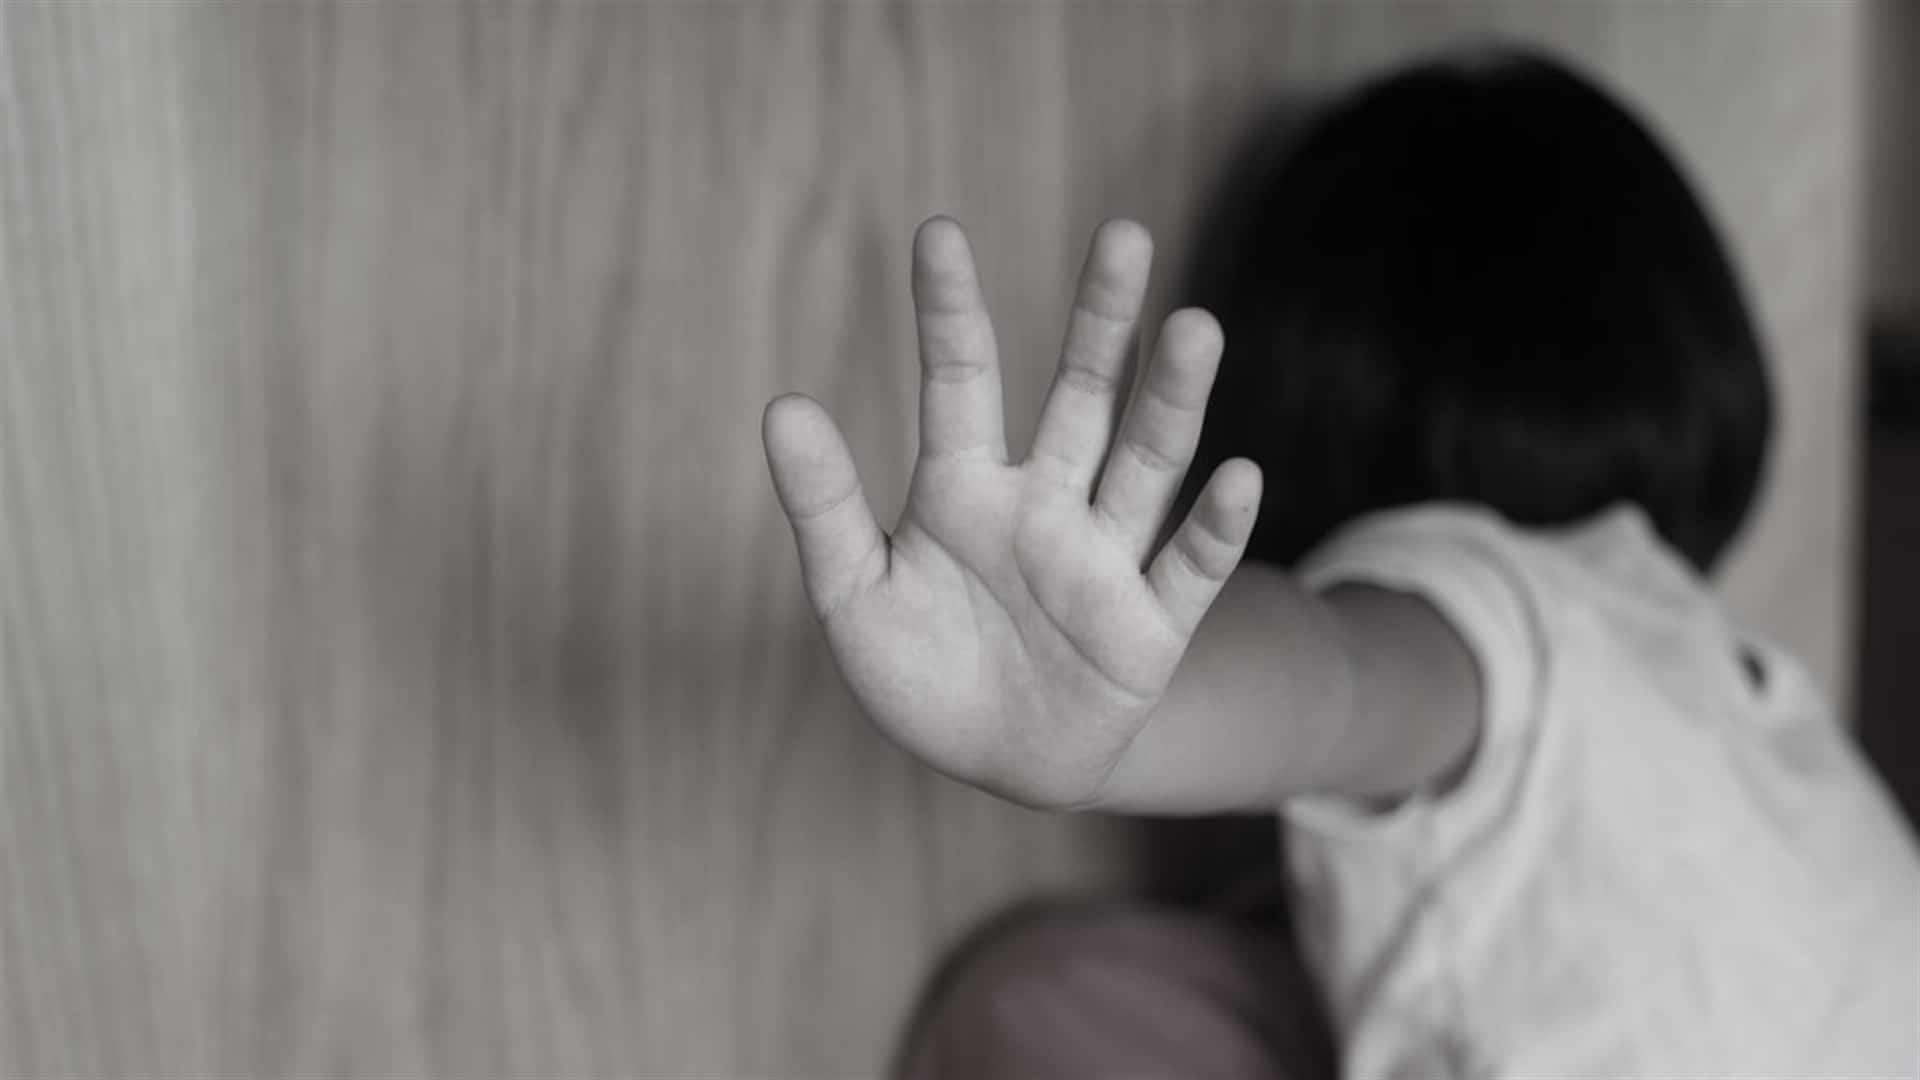 jalisco-aprueba-ley-antichancla-los-padres-iran-a-la-carcel-si-golpean-a-sus-hijos